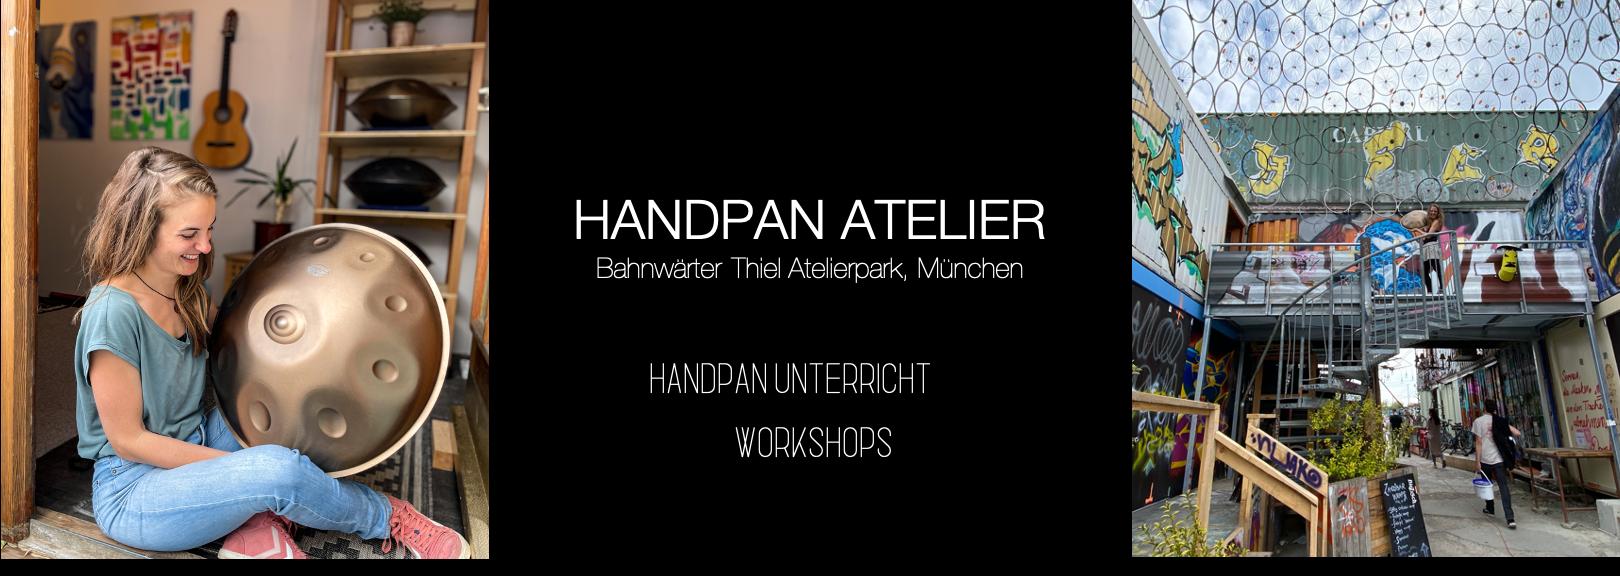 Handpan Atelier München im Bahnwärter Thiel Containerkollektiv